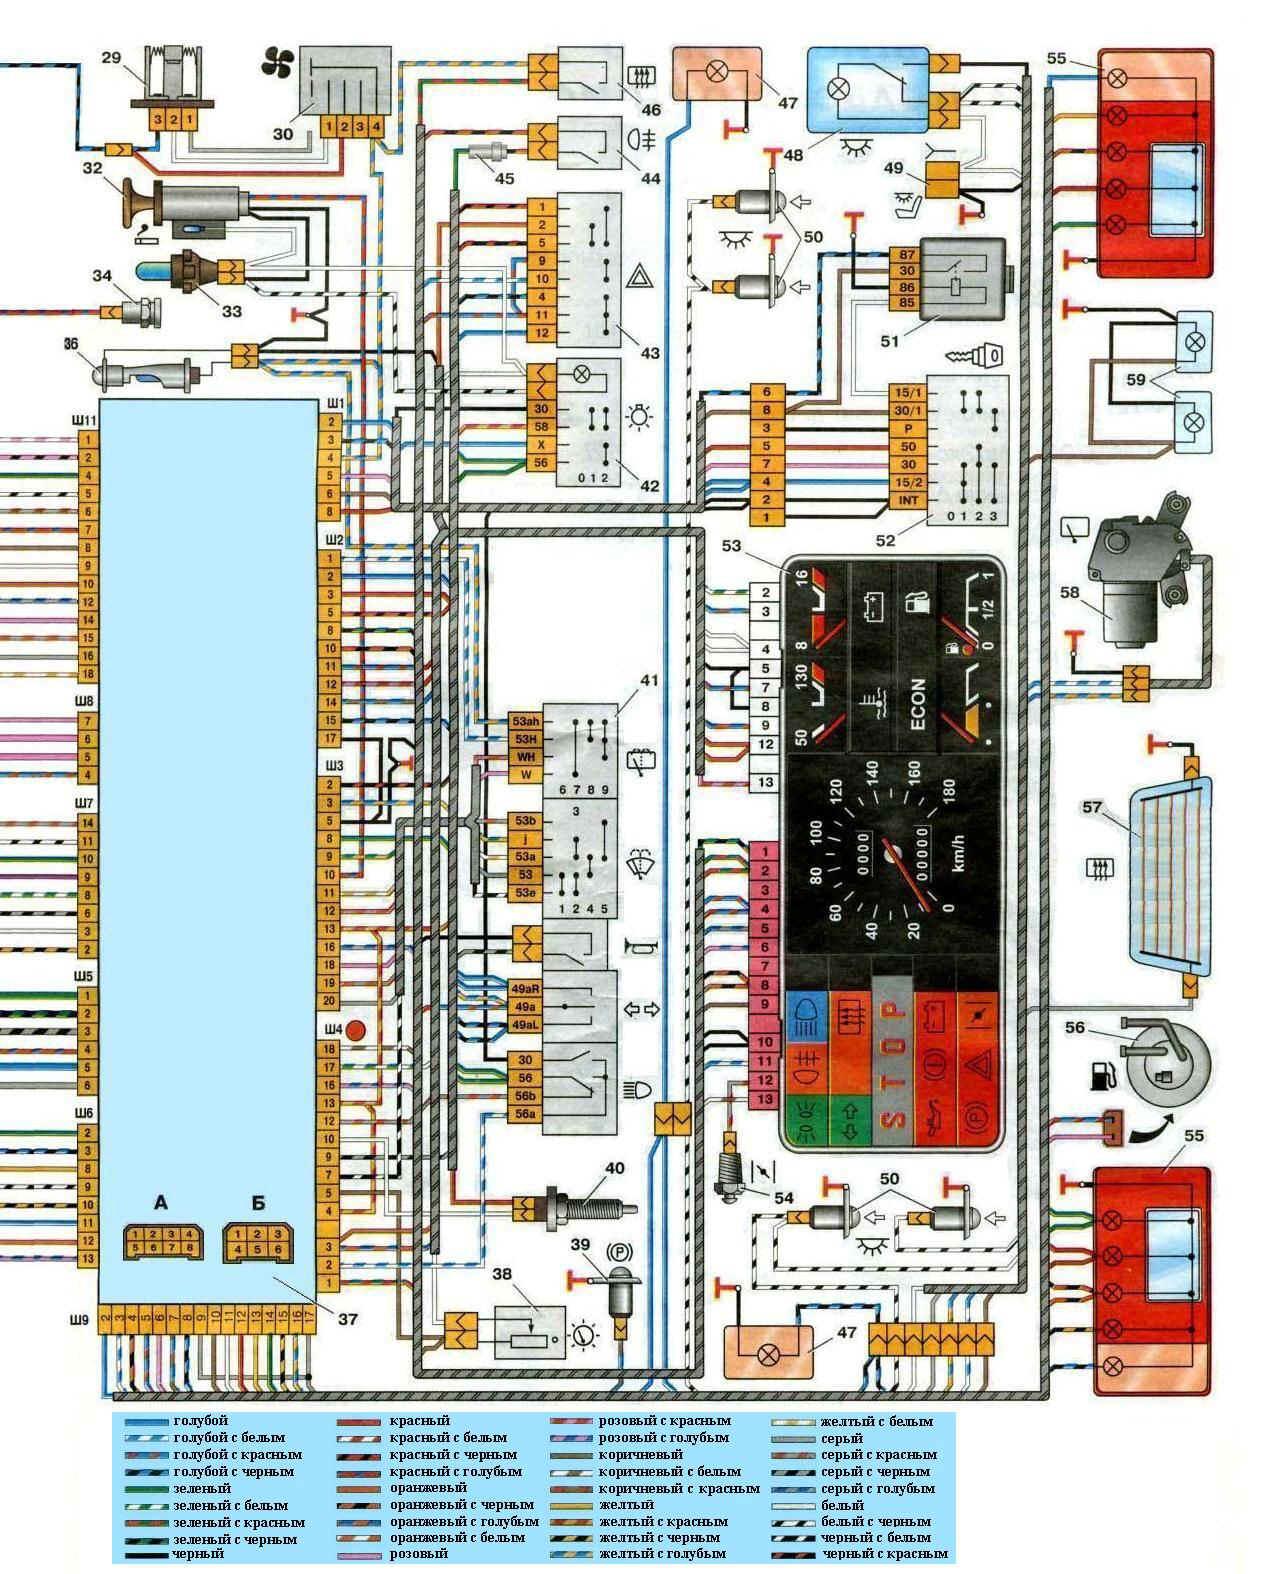 Реле регулятора схема допускает разряд аккумуляторной батареи малыми ваз 2108 2109 и. Так случилось и с этим...